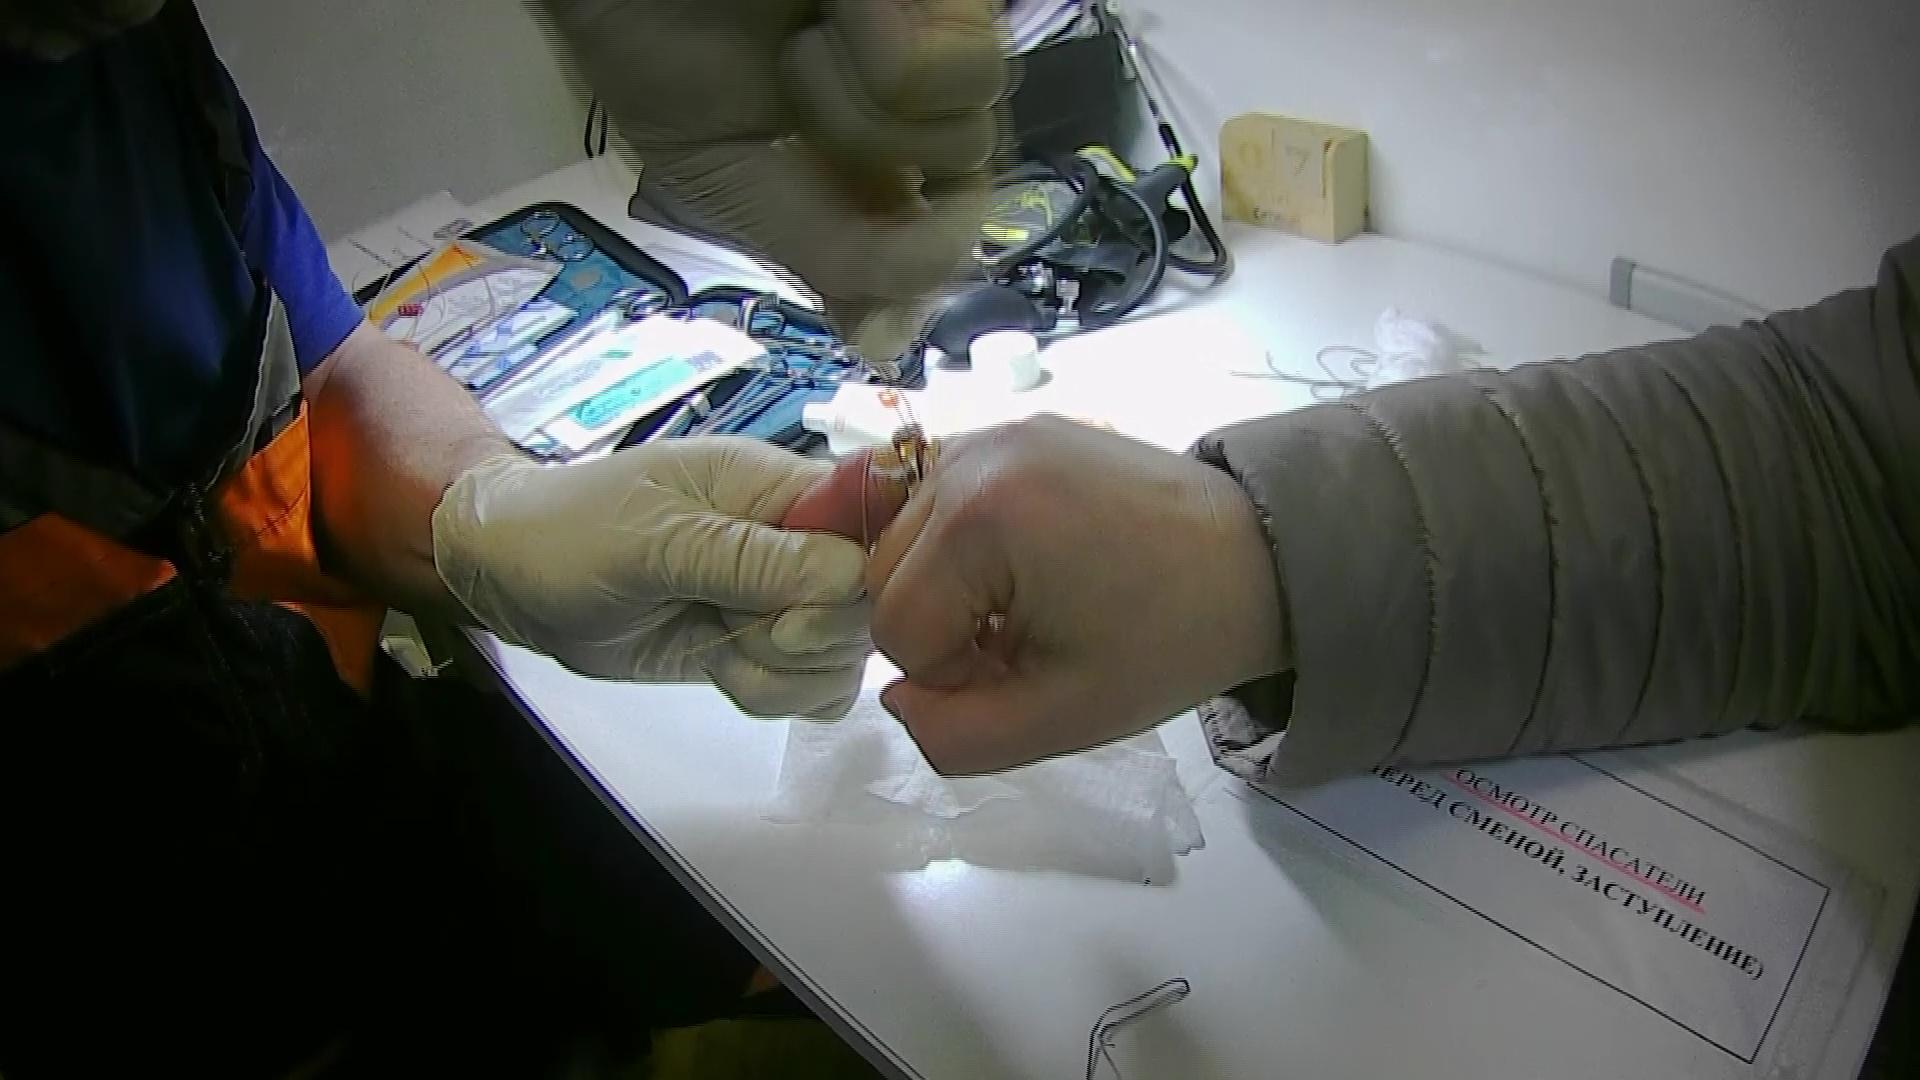 Сотрудники ЦГЗ спасли ярославну от обручального кольца